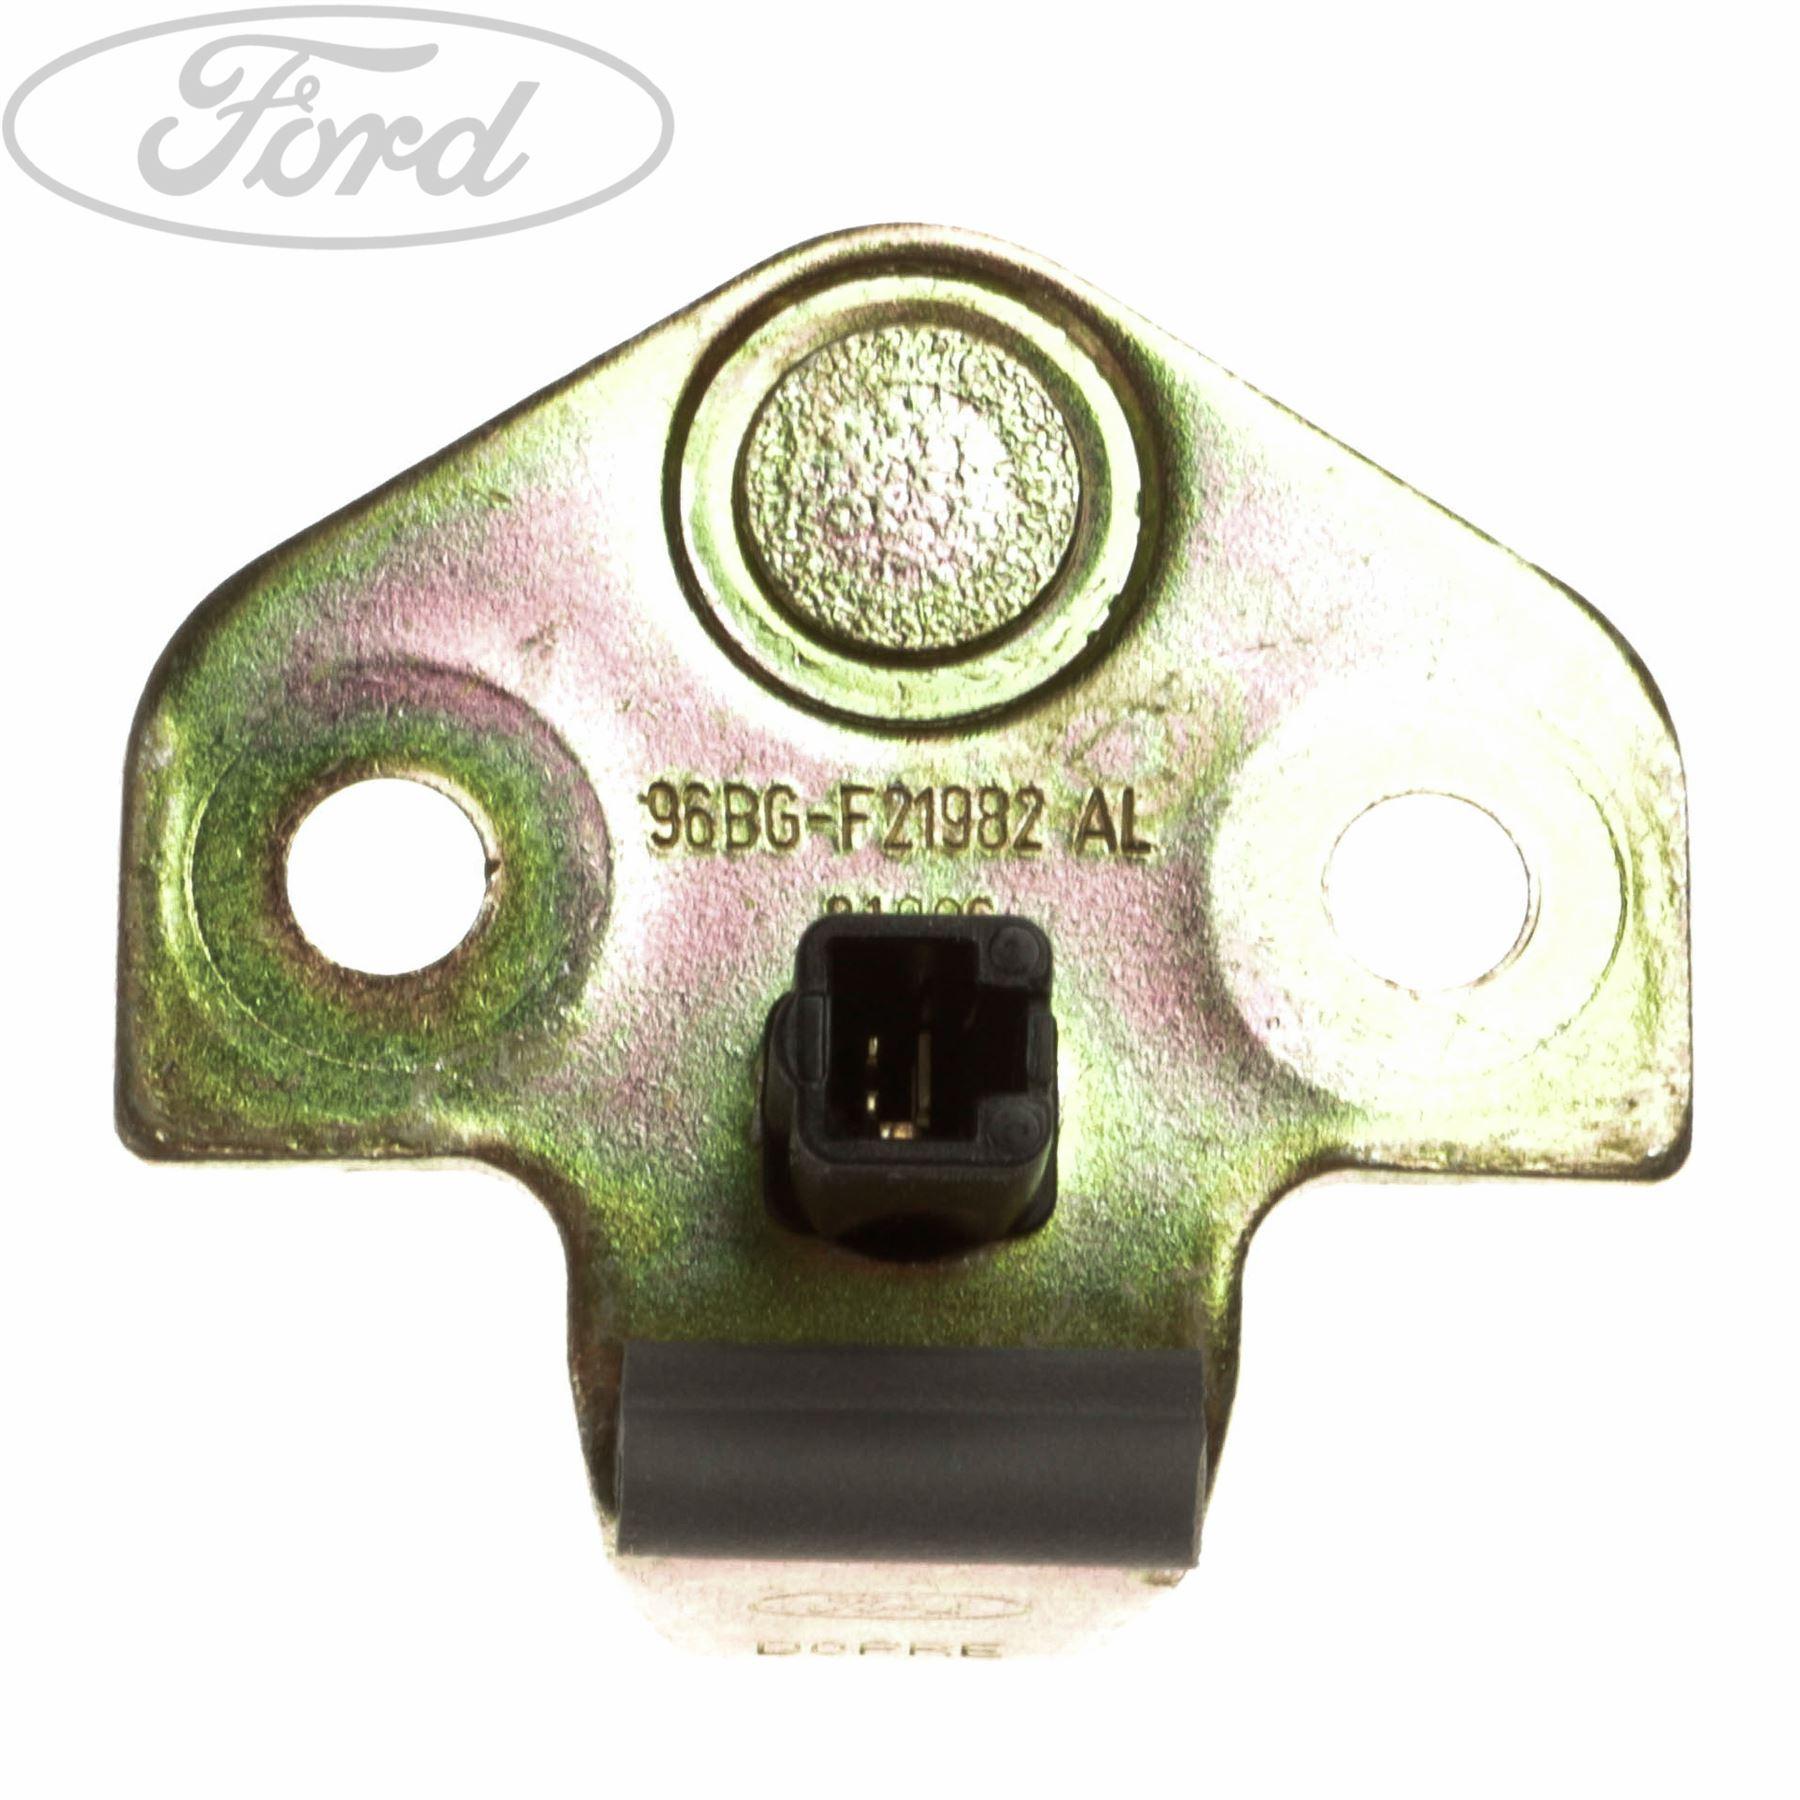 Honda Prelude door close switch sensor LH NSF Gen4 MK4 91-96 2.0